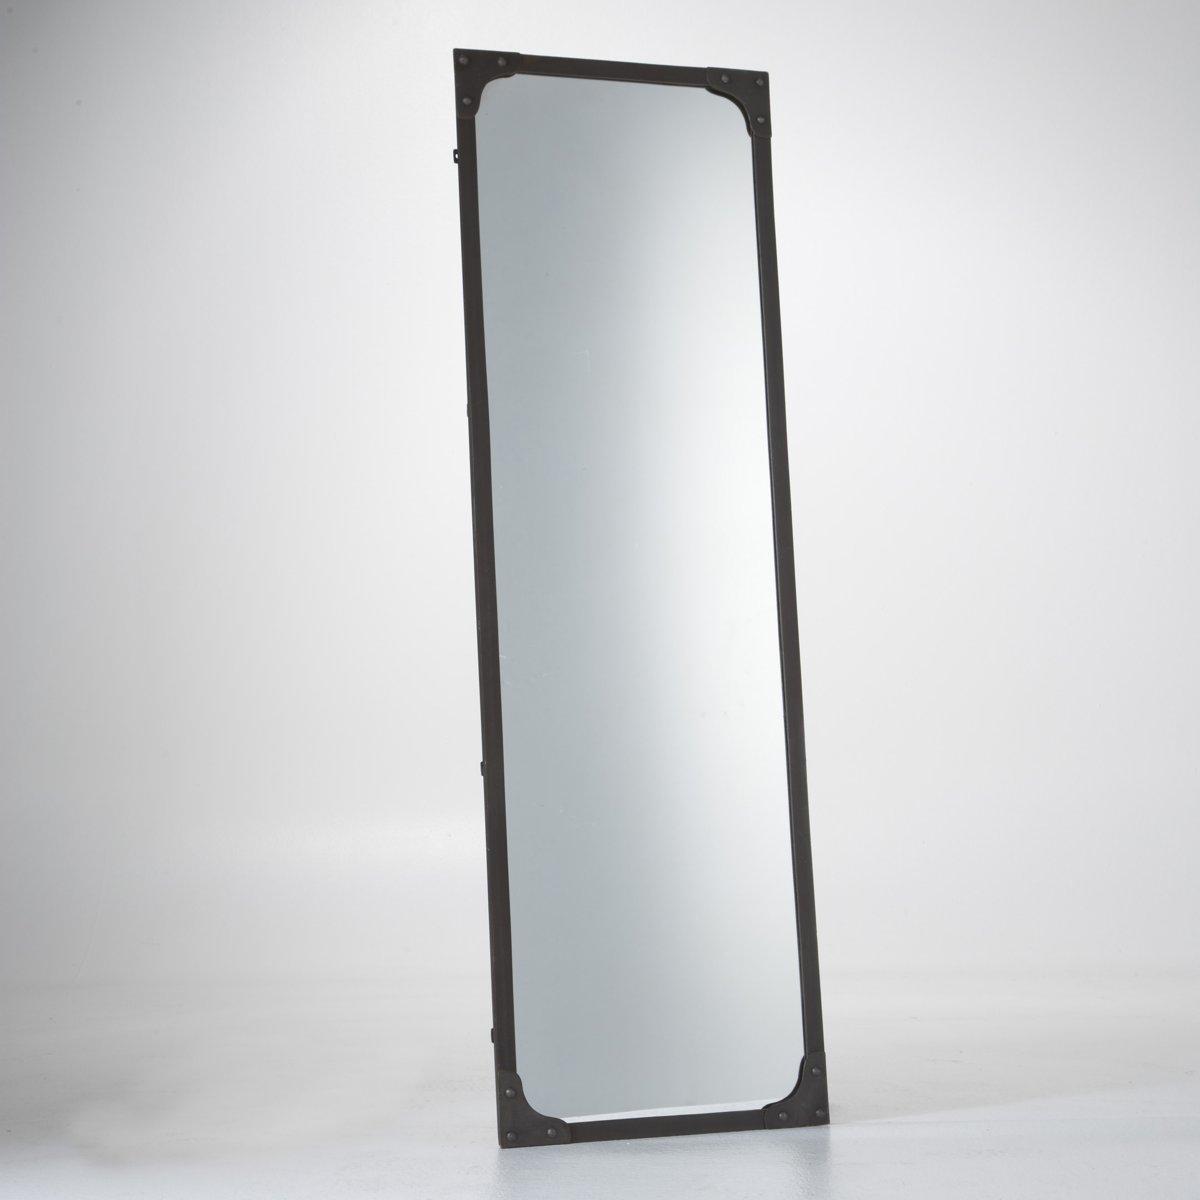 Зеркало металлическое LenaigЗеркало Lenaig в стиле хай-тэк. Металлическое зеркало в стиле хай-тэк с металлической рамой и отделкой заклепками. Описание зеркала Lenaig:Заклепки на 4 углах.Крепится горизонтально или вертикально (винты и крепления продаются отдельно).Характеристики зеркала Lenaig:Металл черного цвета с отделкой под состаренный материал.Задник из МДФ, покрытие черного цвета.Найдите всю коллекцию зеркал на сайте laredoute.ru.Размеры зеркала Lenaig:Ширина: 140 см.Высота: 45 см.<br><br>Цвет: красно-коричневый<br>Размер: единый размер